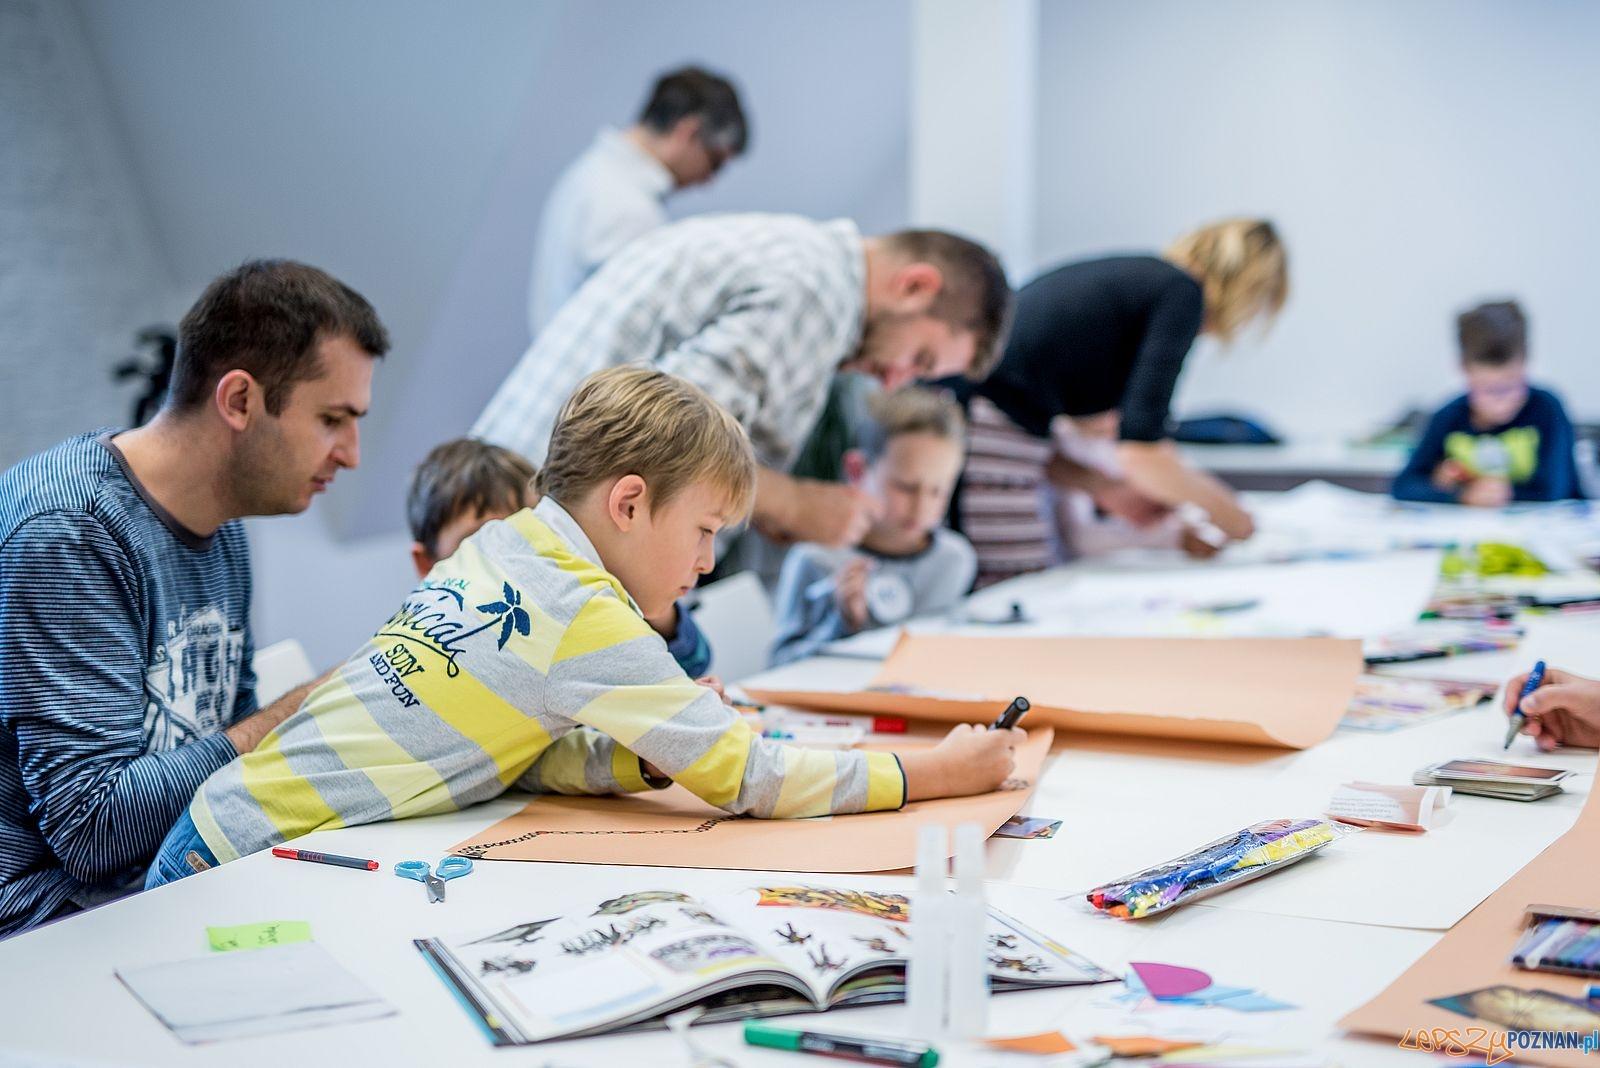 Festiwal Kreatywności dla dzieci (5)  Foto: Maciej Zakrzewski / Concordia Design